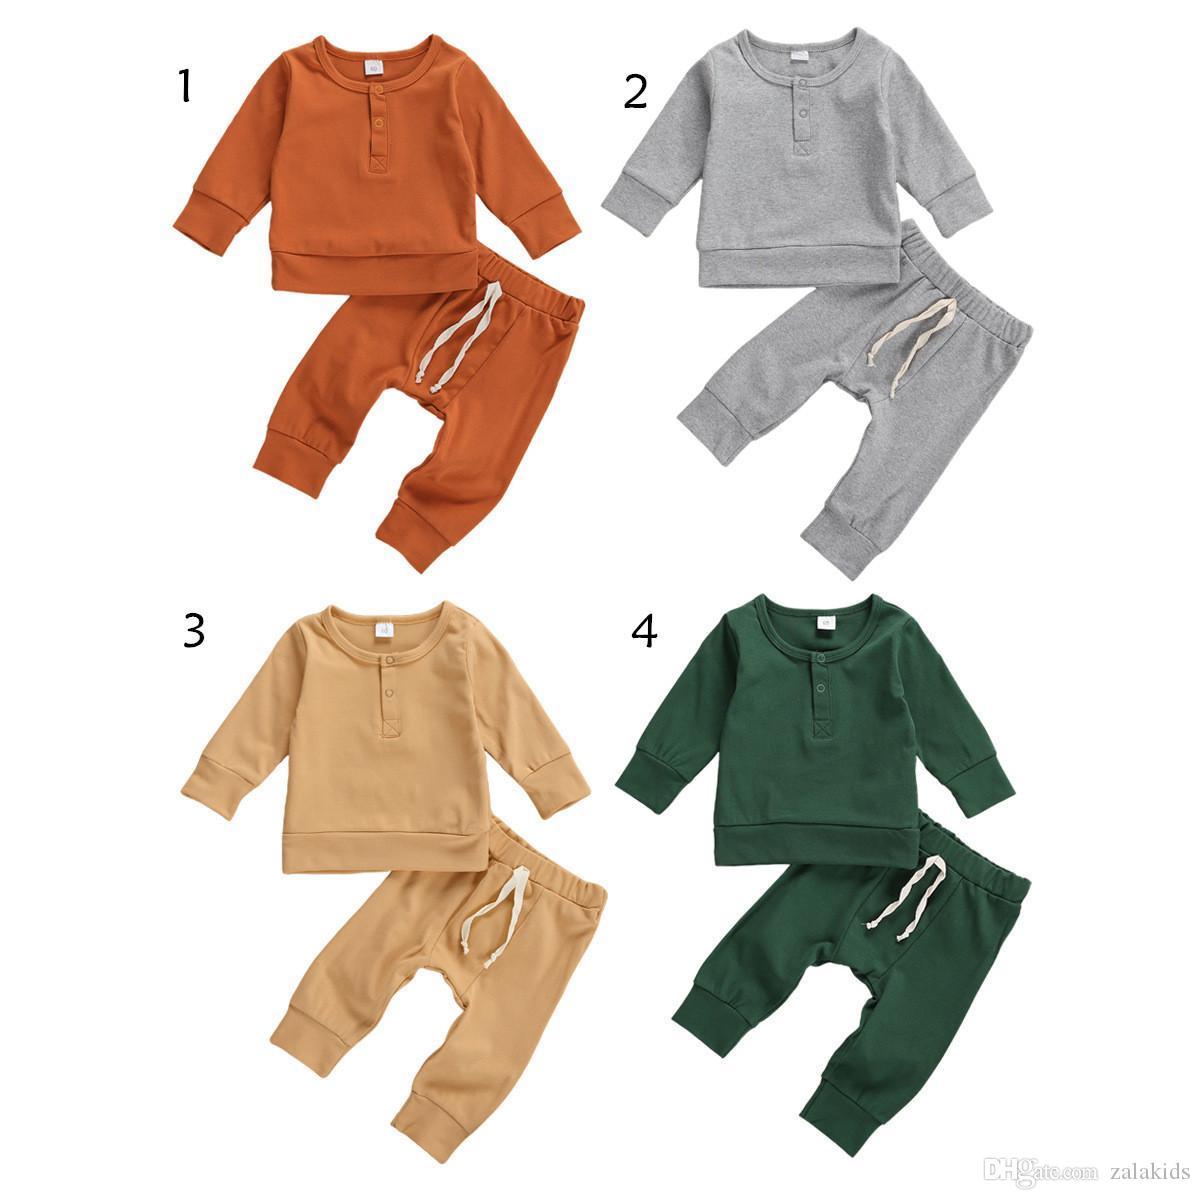 İlkbahar Sonbahar Kız Bebek Giyim Katı Kızlar Pants 2PCS Setleri Bebek Kız Giyim Tops Seti Butik Bebek Giyim